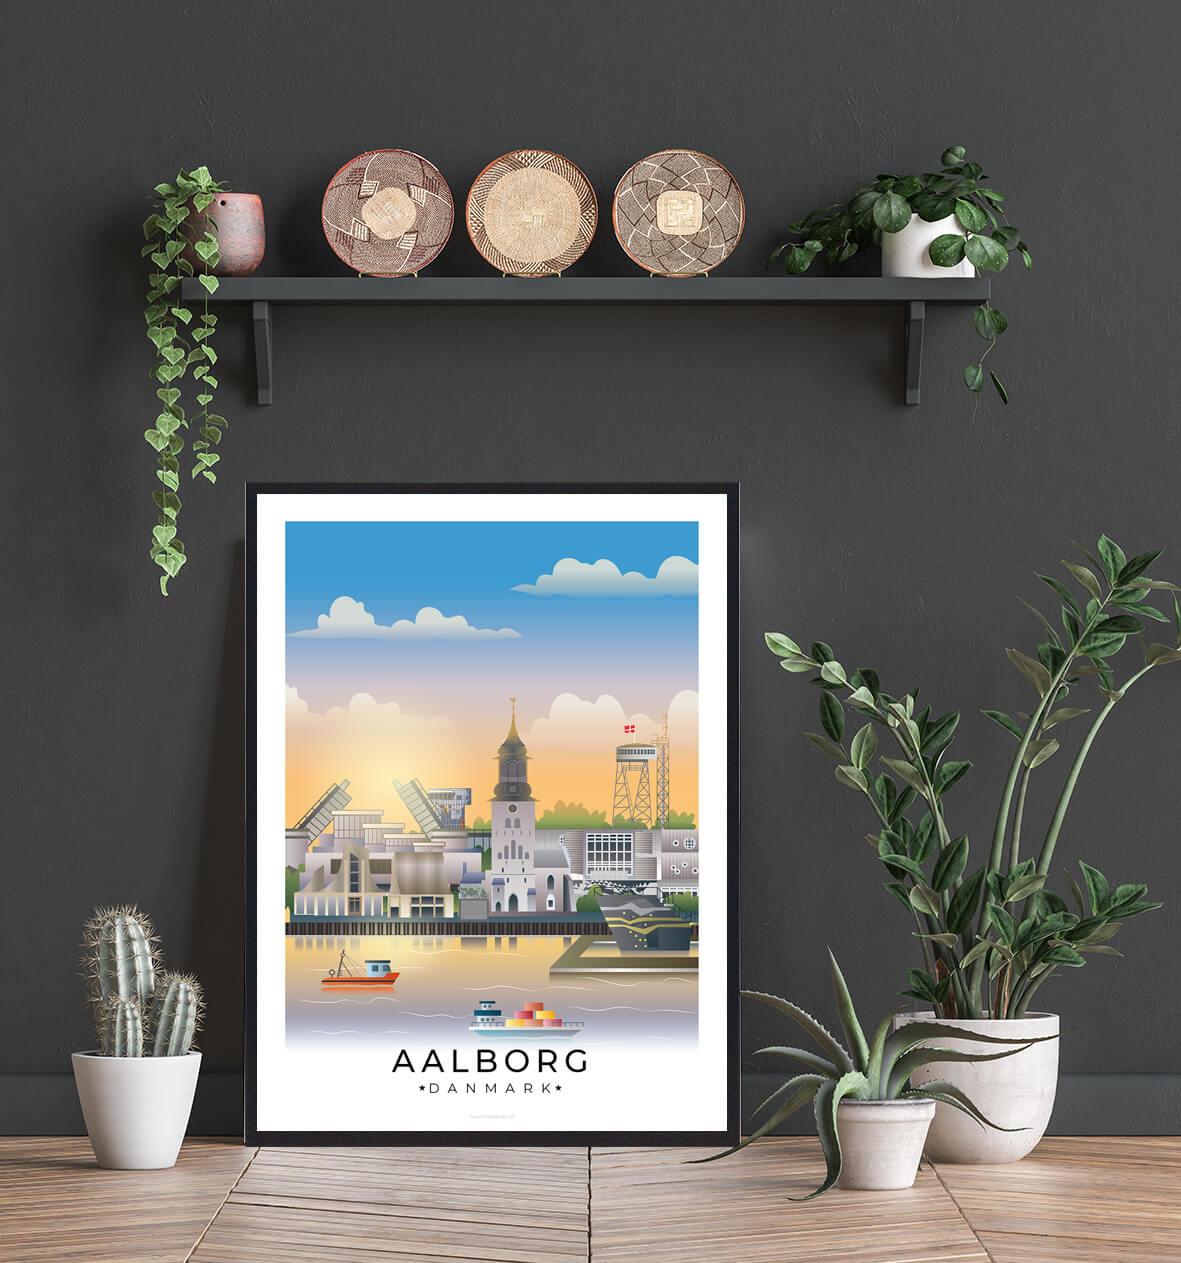 Aalborg-byplakat-boligen